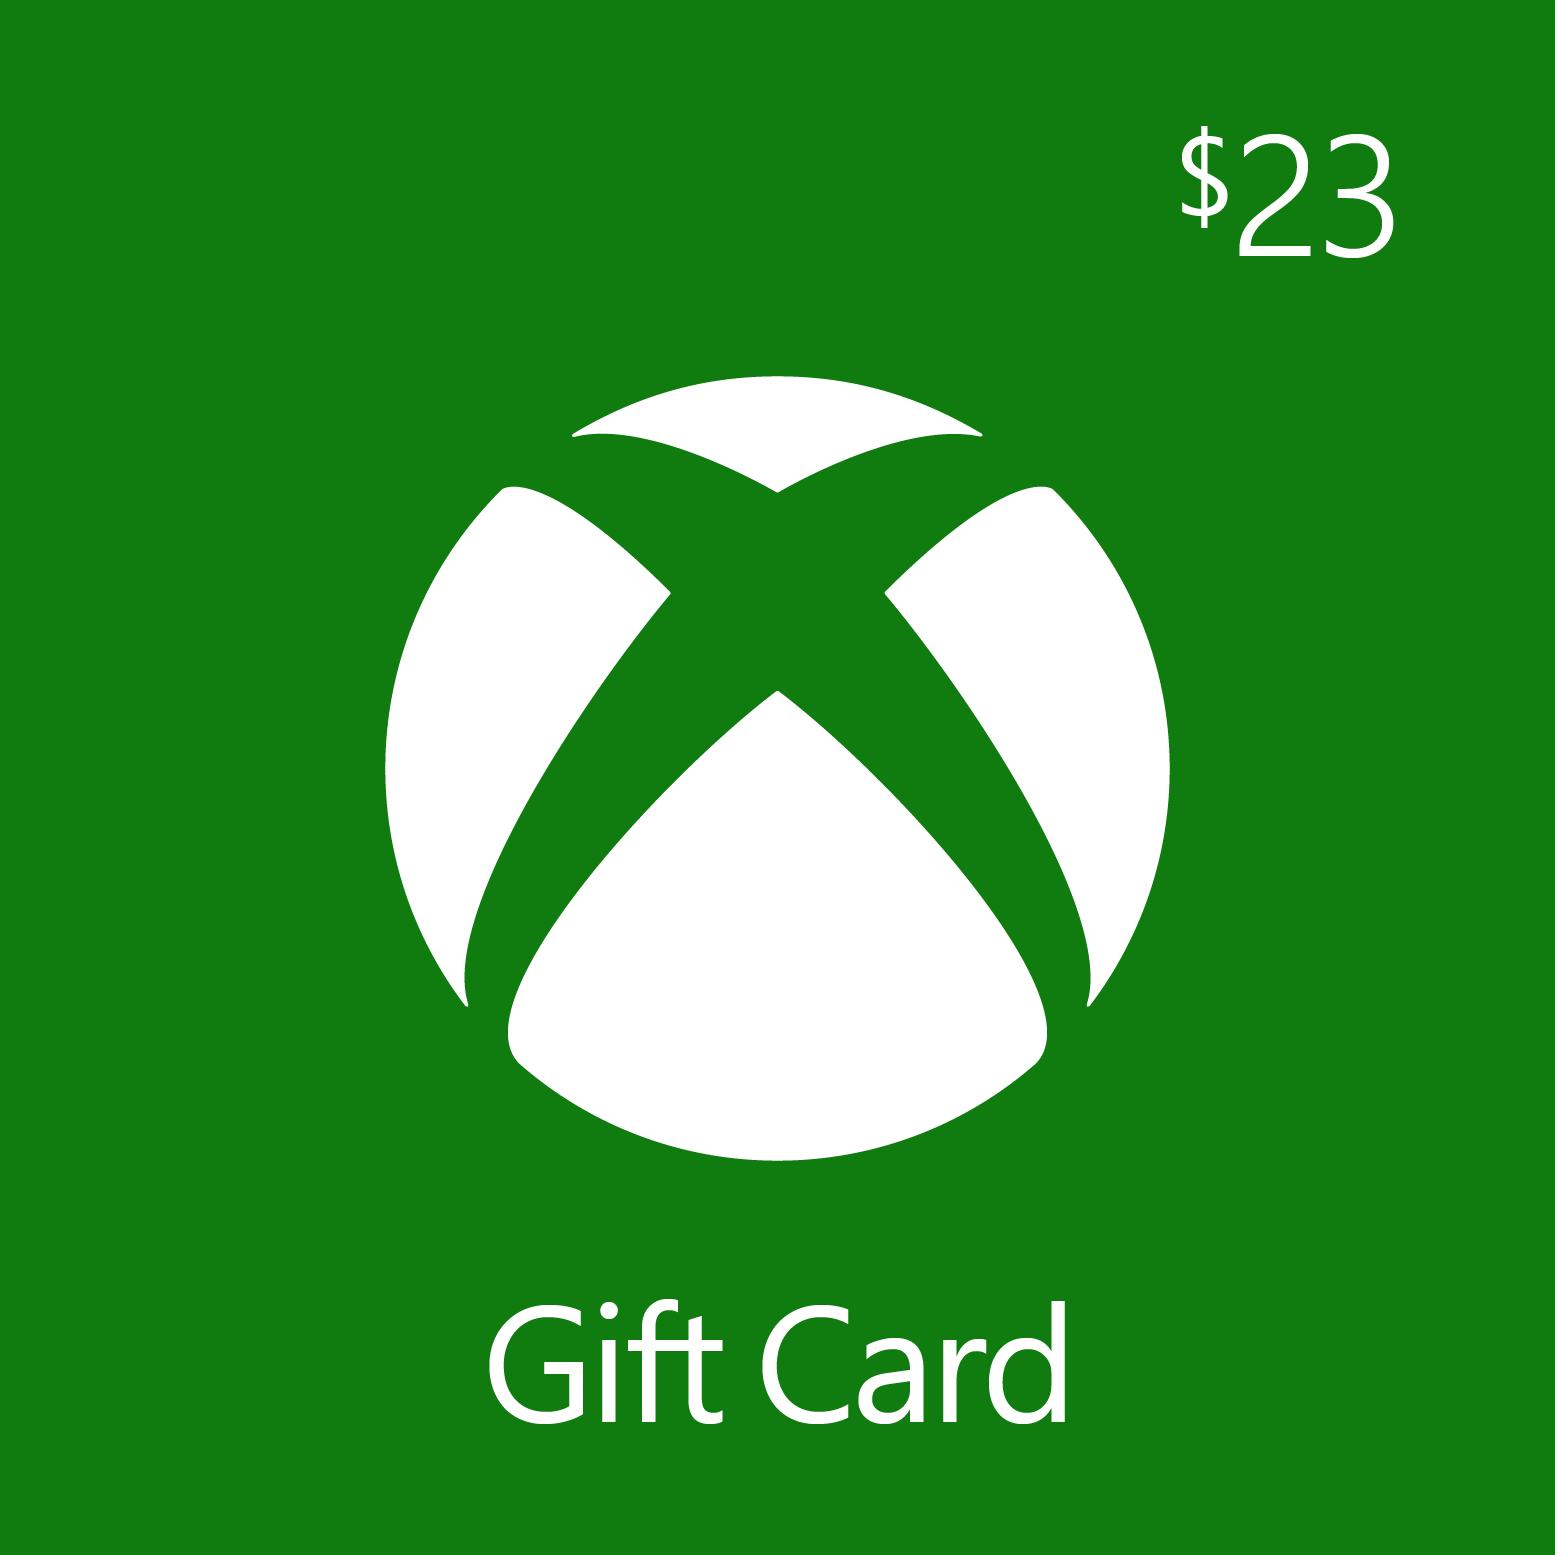 $23.00 Xbox Digital Gift Card